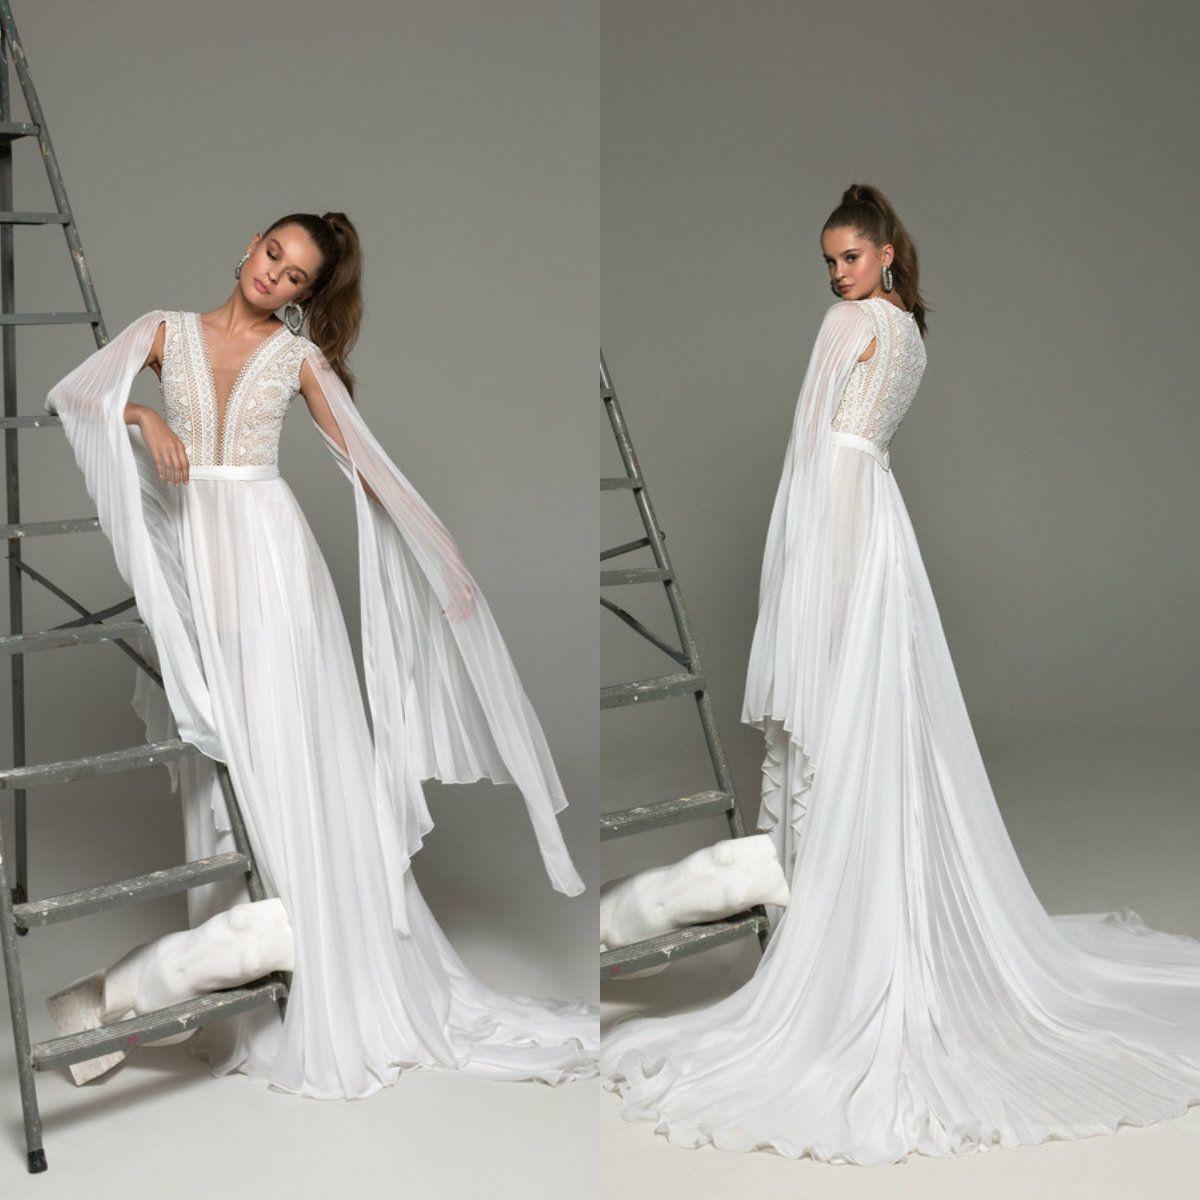 2019 Пляж Свадебные платья кружева аппликация Глубокий V шеи мантий линия Boho свадебное платье с длинными рукавами Vestidos De Novia Страна Люкс